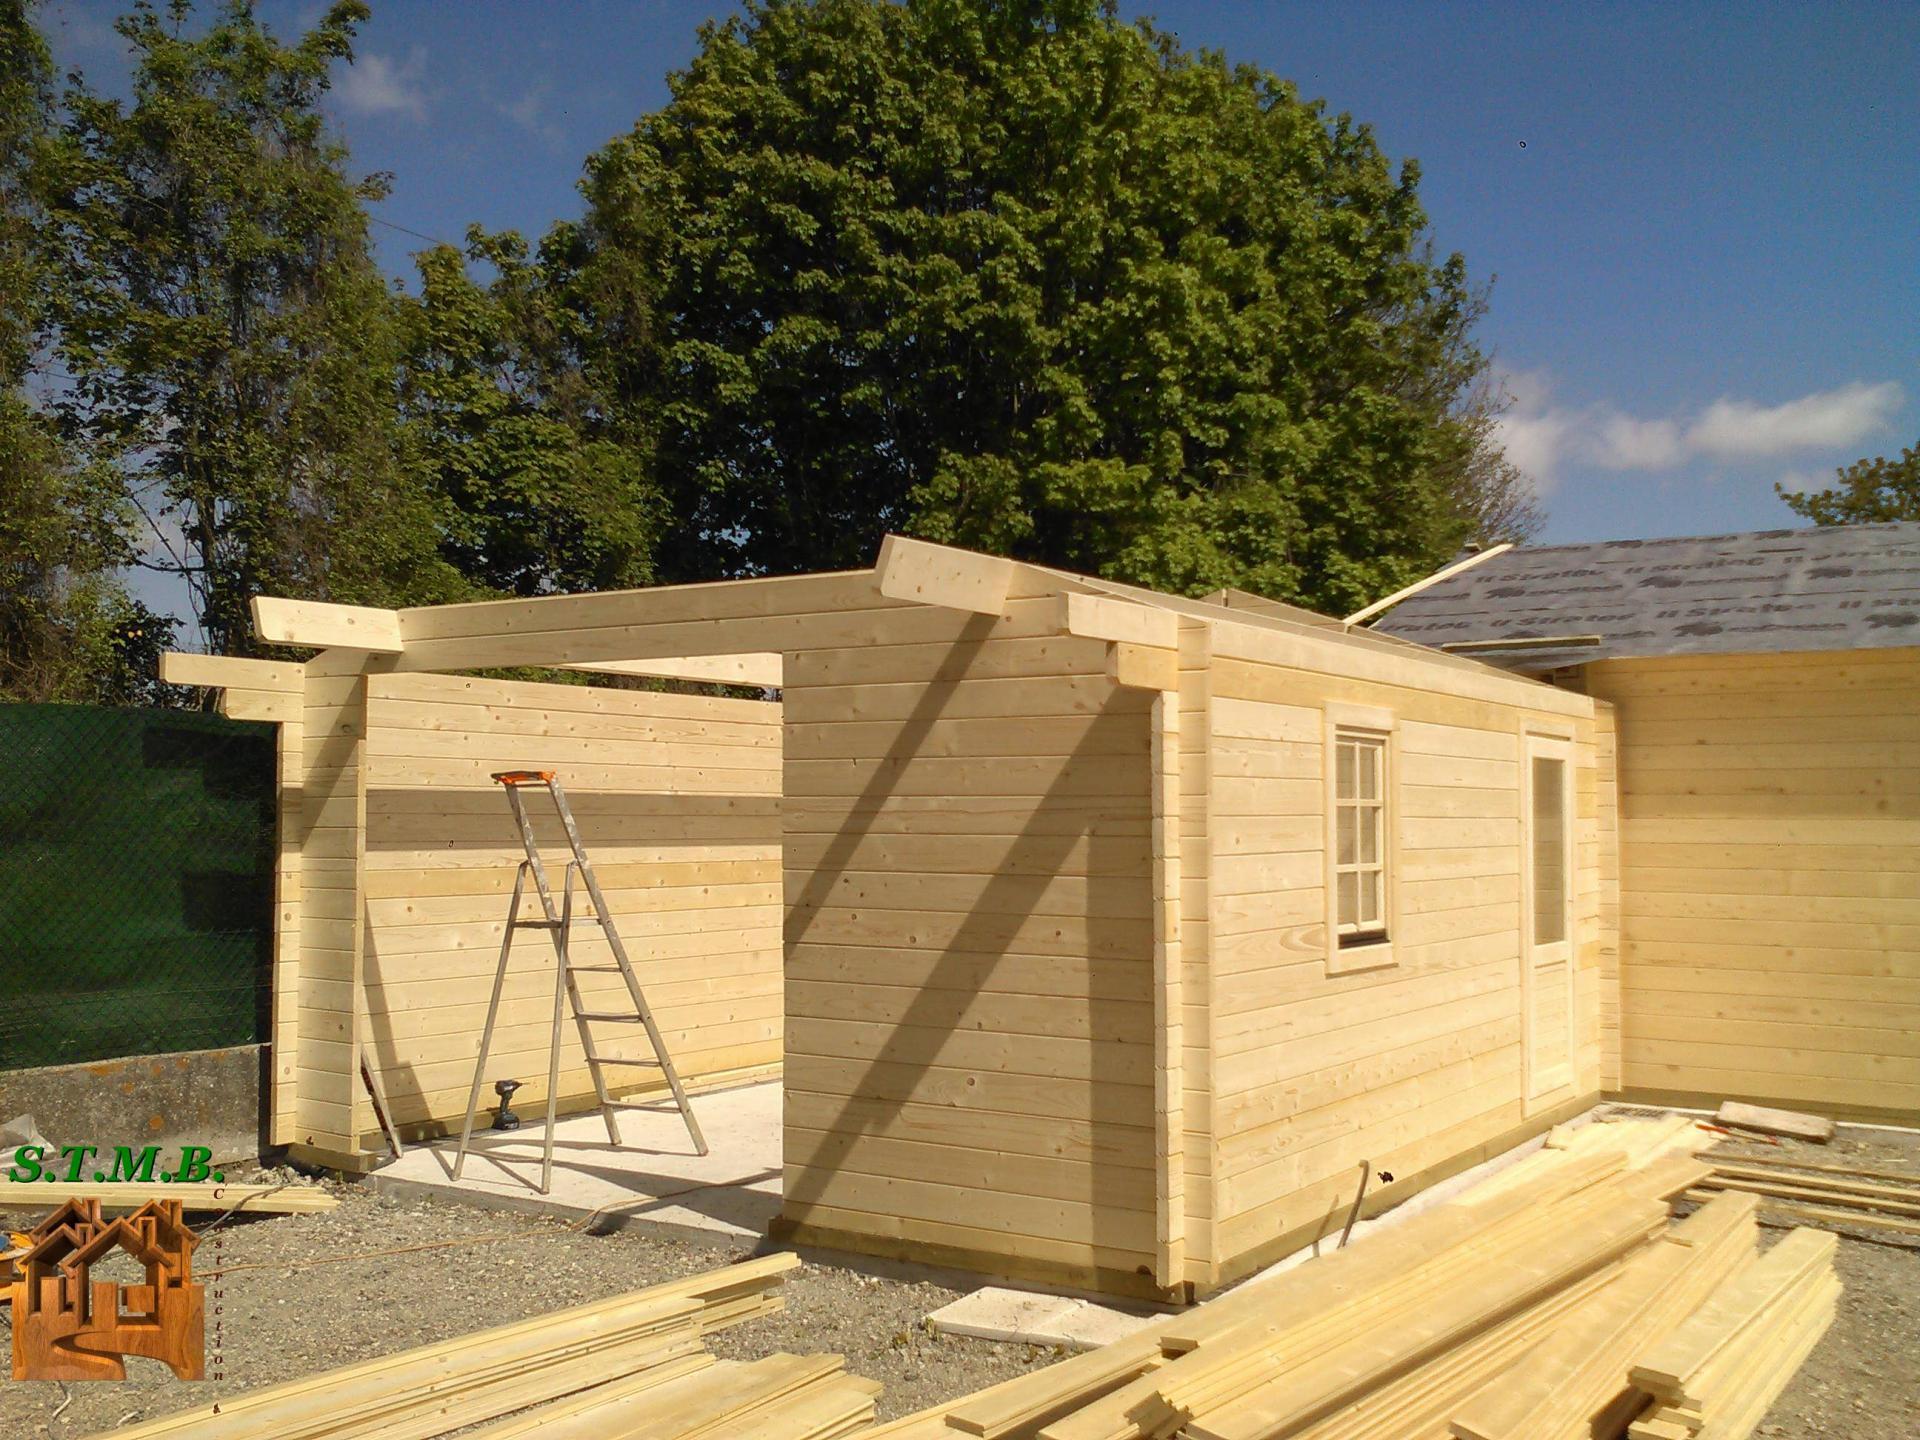 Construire une mezzanine en bois dans un garage - Construire un plancher bois dans un garage ...